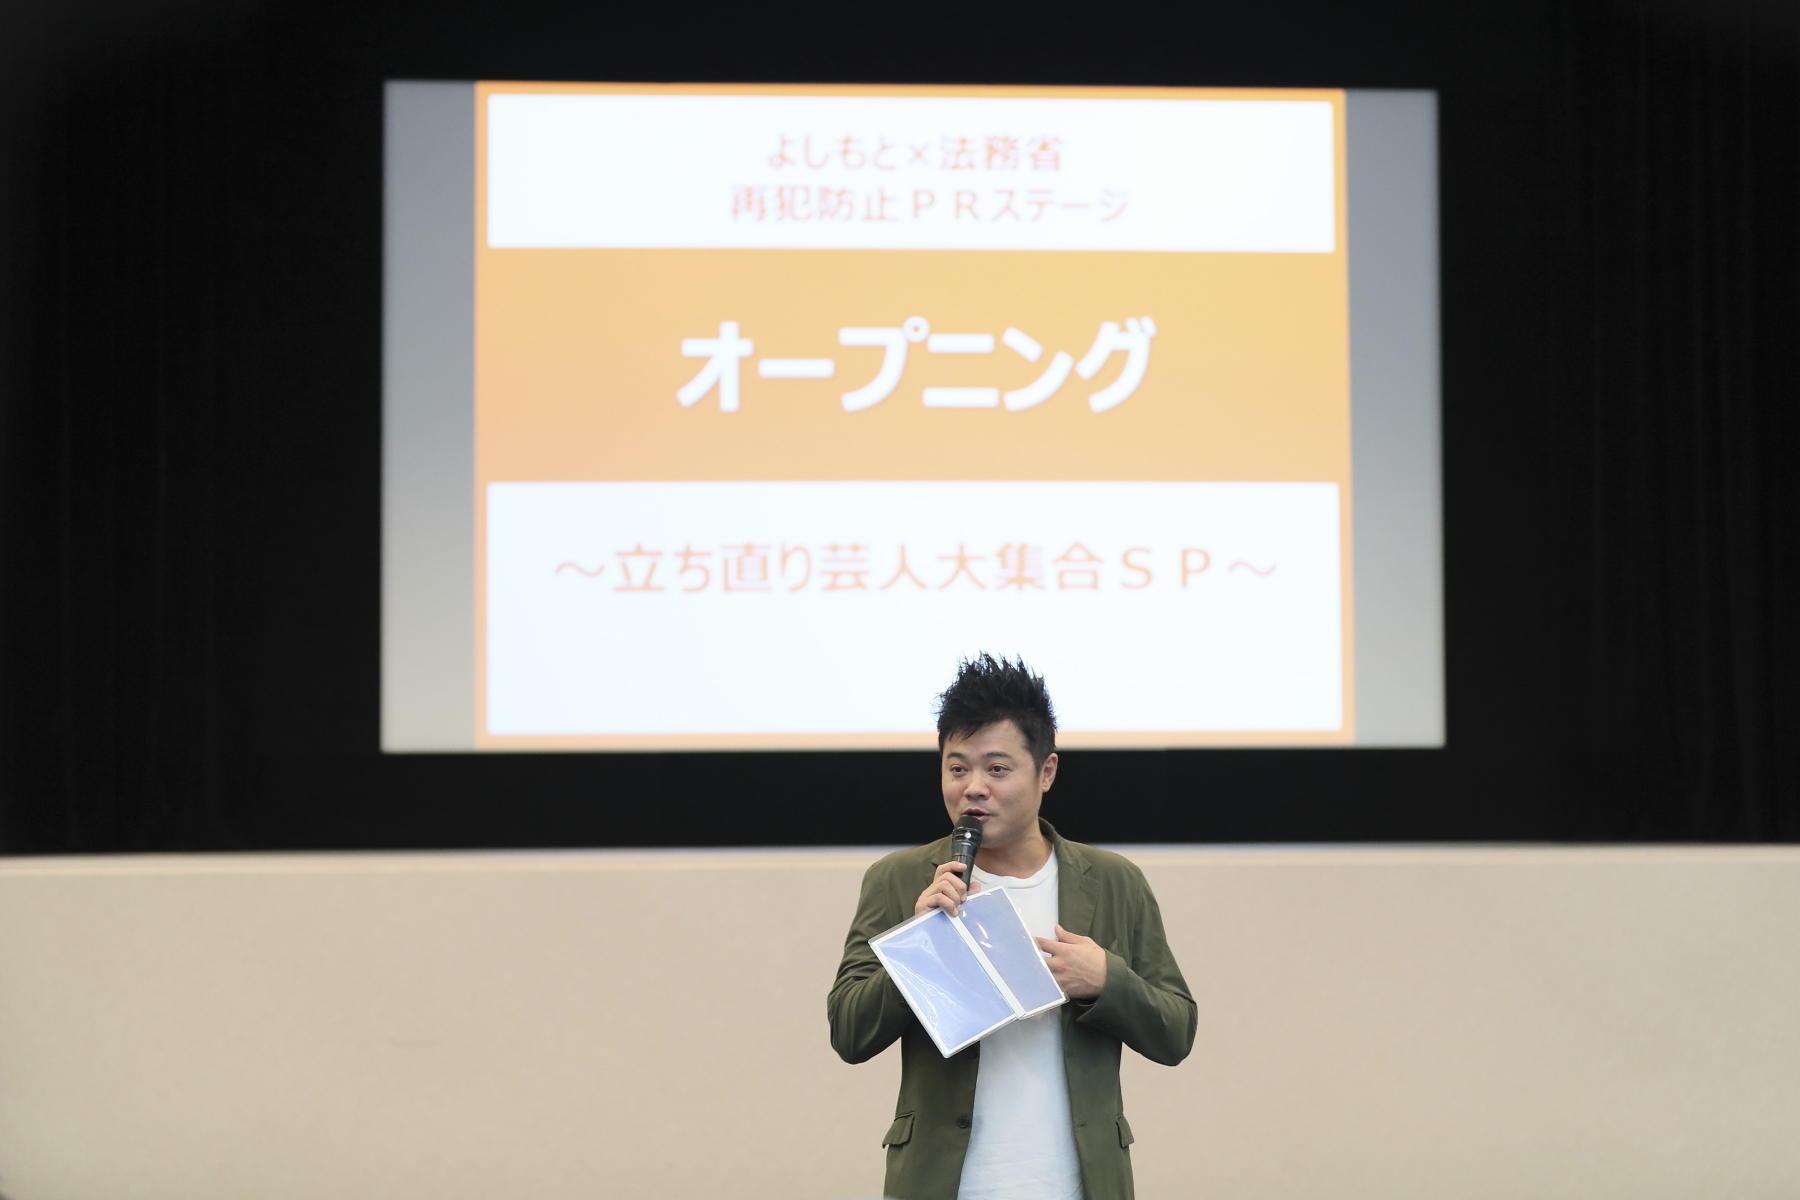 http://news.yoshimoto.co.jp/20181006202615-6a251e50b2c700bd1de526c31d6b7461fb3b27f0.jpg